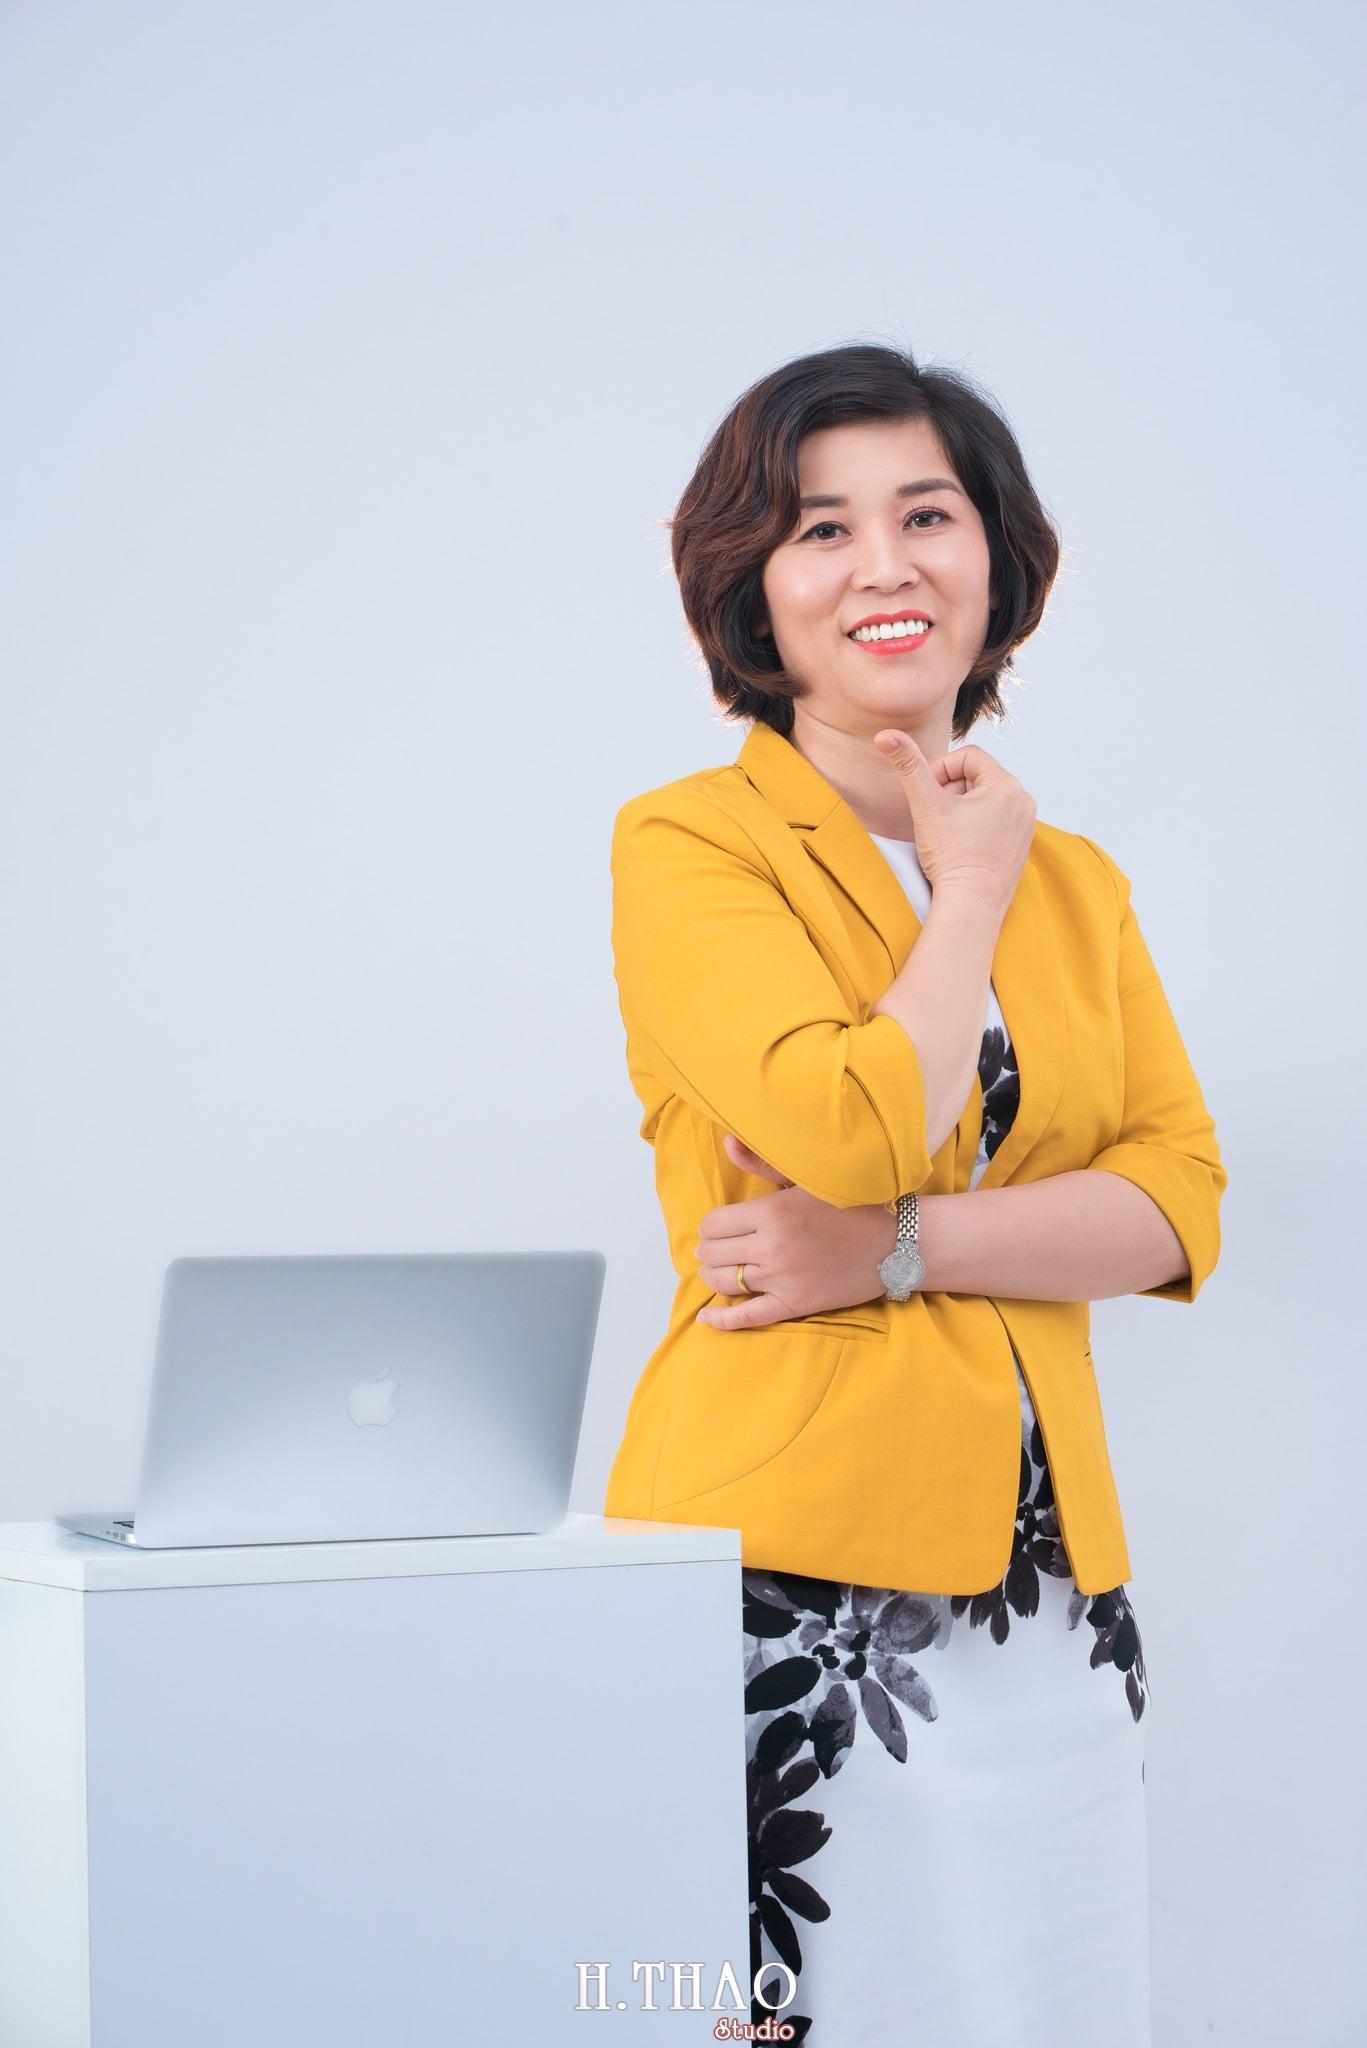 chan dung nu 6 - Album ảnh doanh nhân chị Quỳnh sang trọng, quý phái - HThao Studio